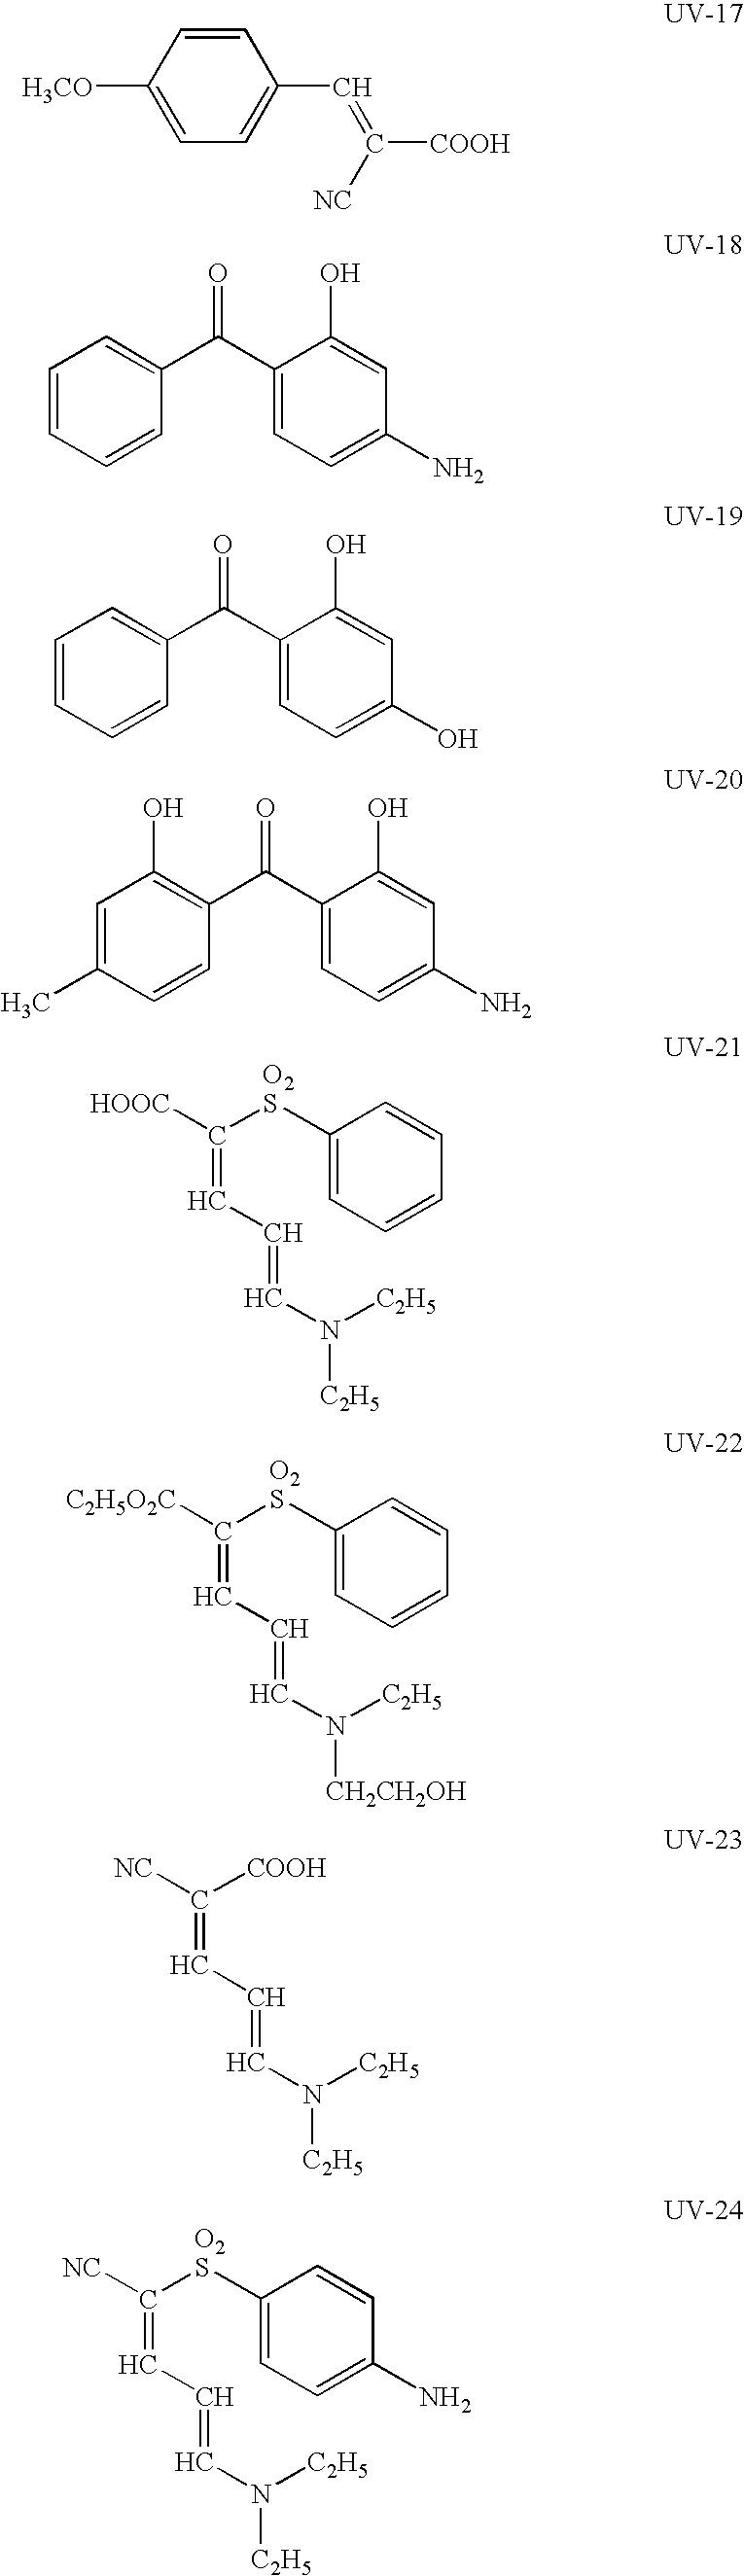 Figure US20060204457A1-20060914-C00005